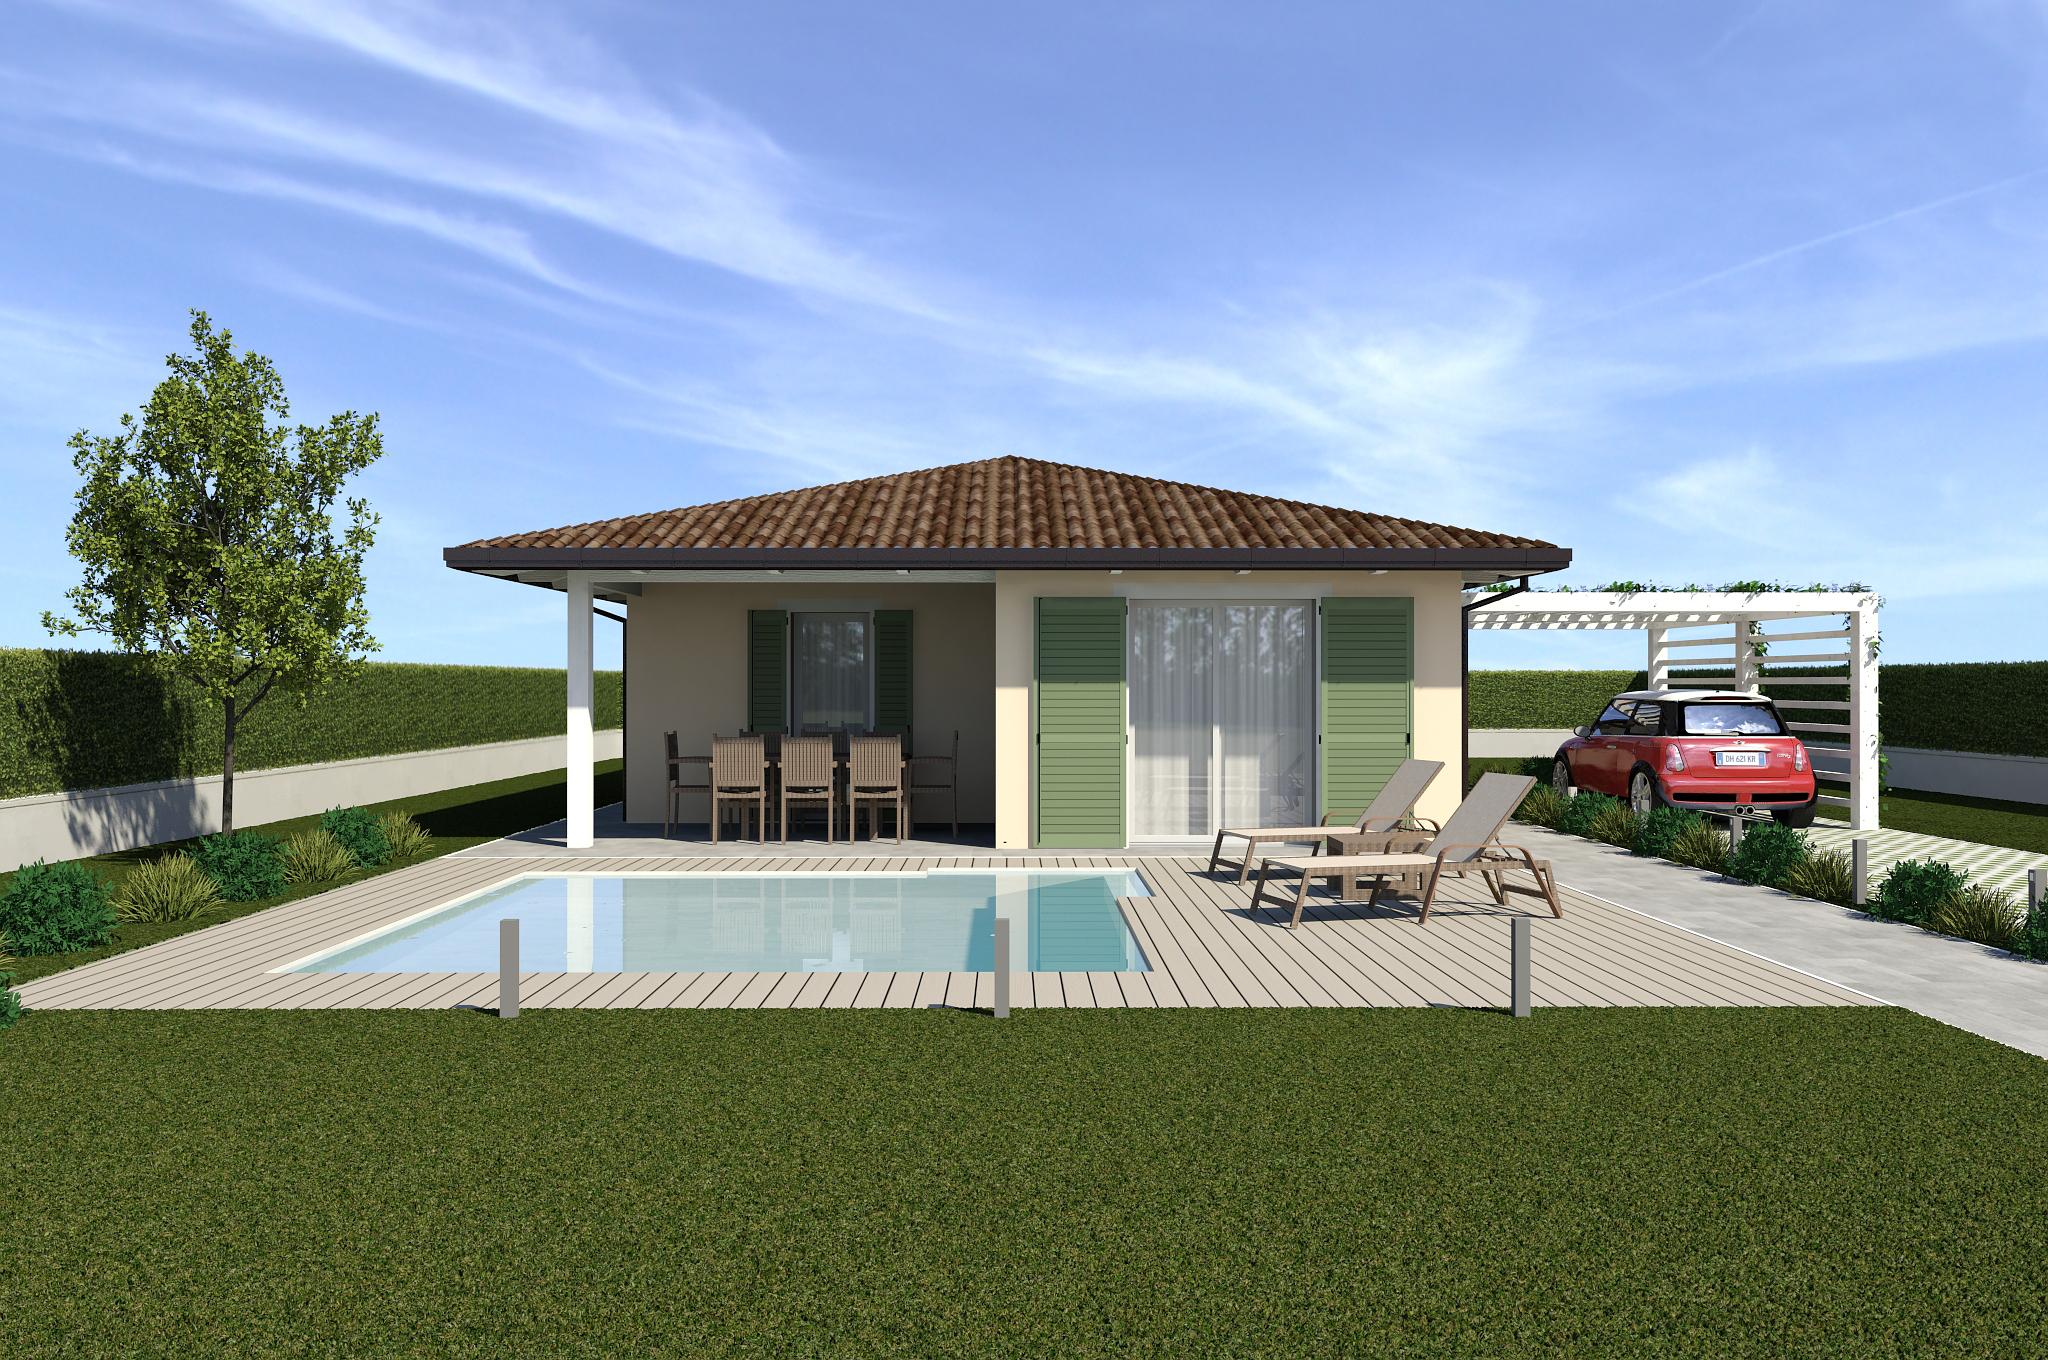 Planimetria della costruzione Casa in Legno modello ECO 120 di ECOHOUSE srl